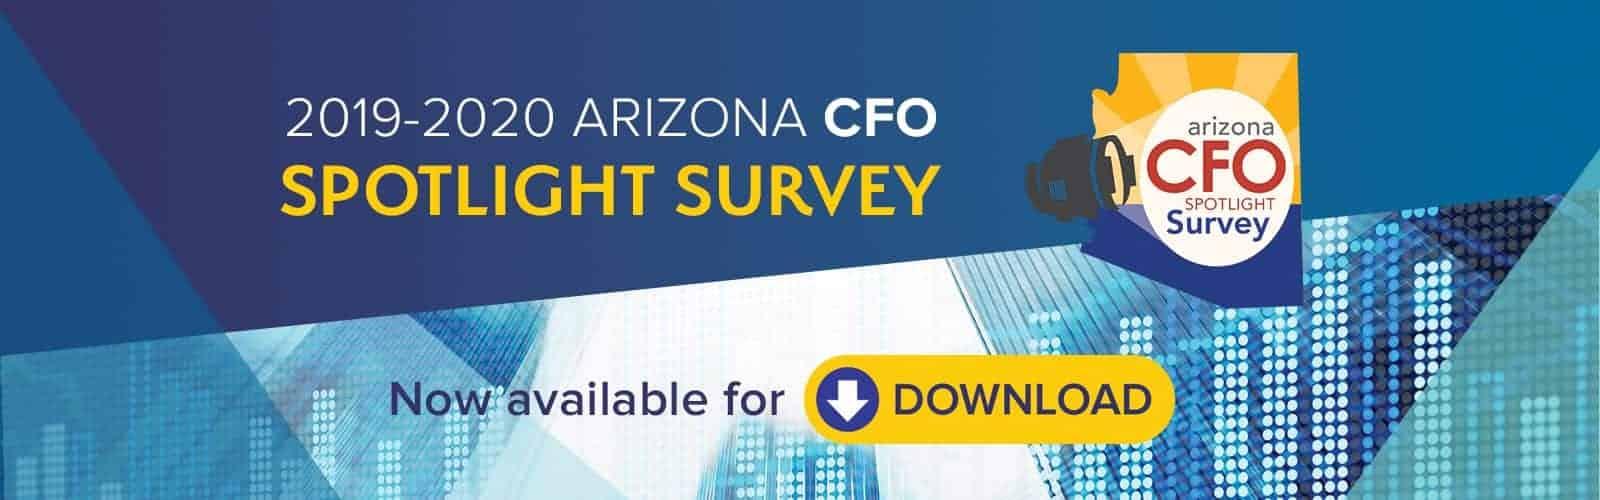 2019-2020 Arizona CFO Spotlight Survey